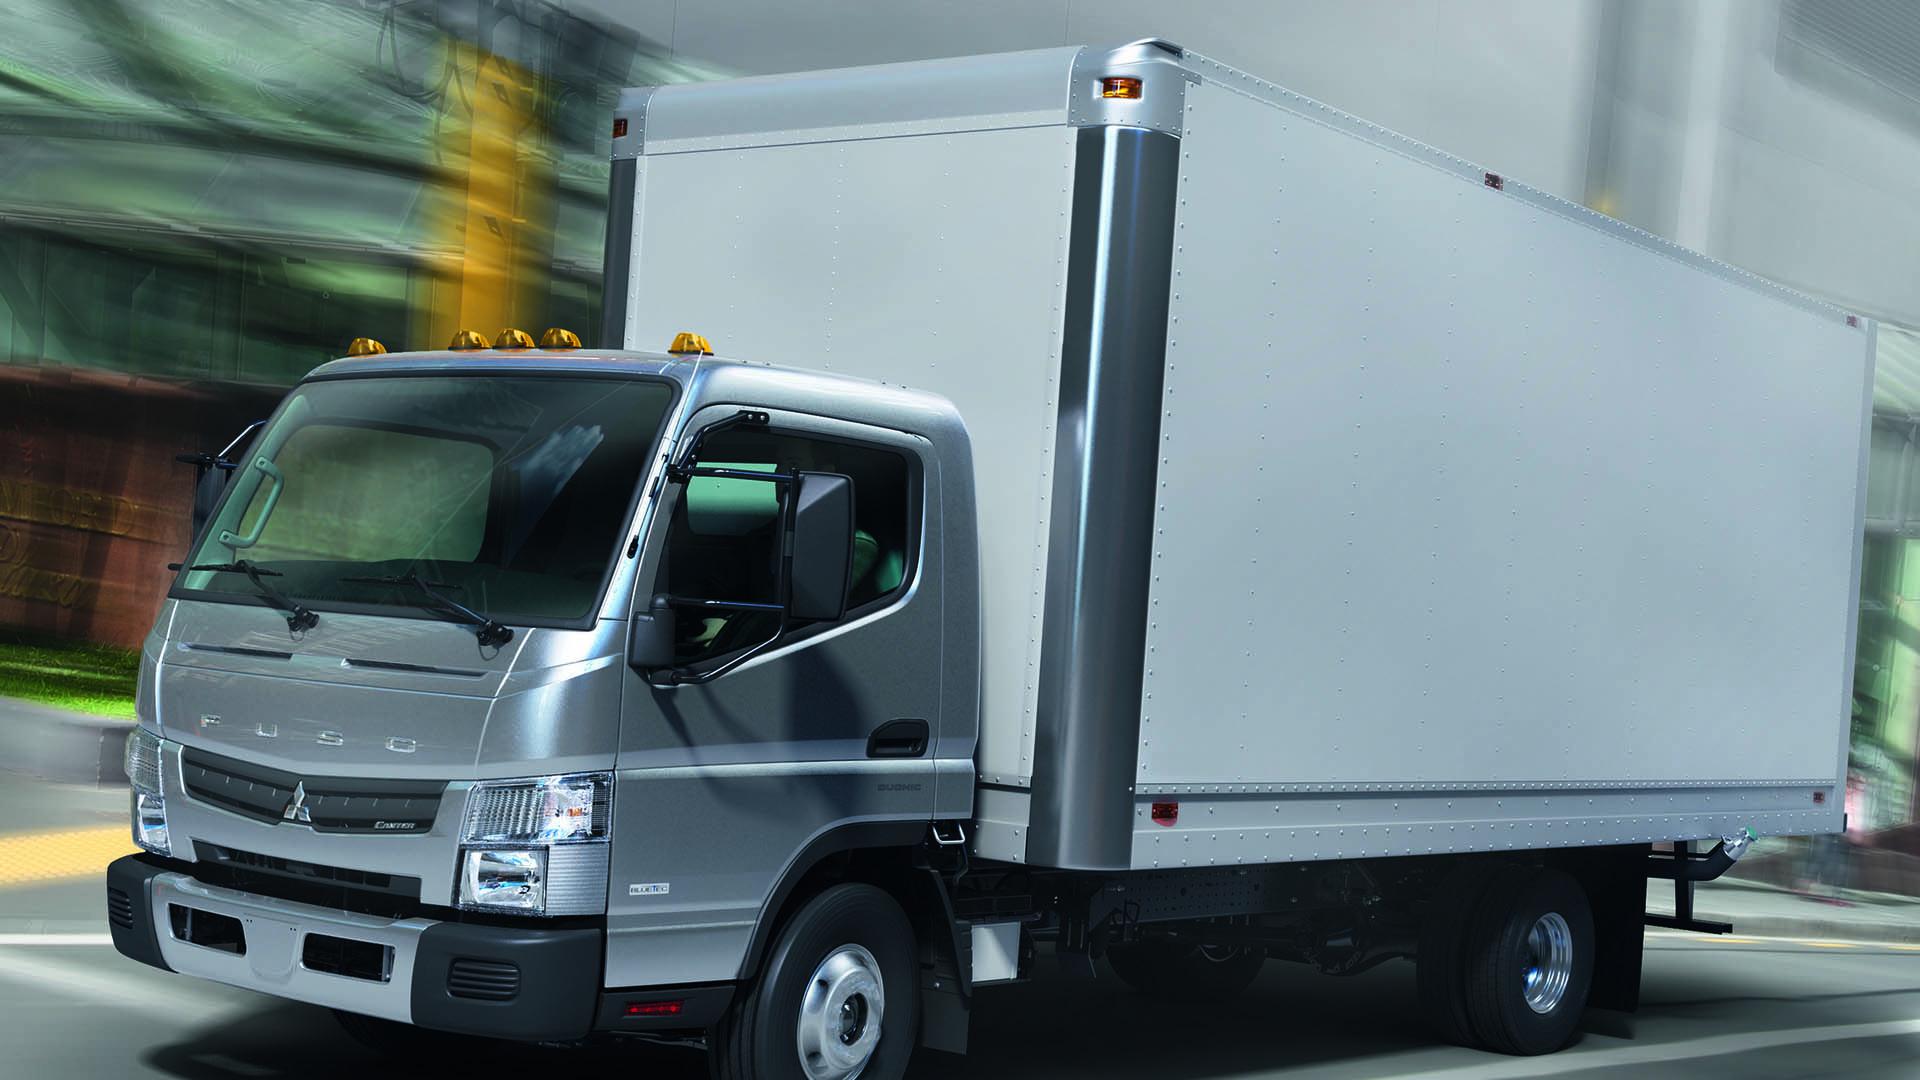 5-ти тонный грузовик